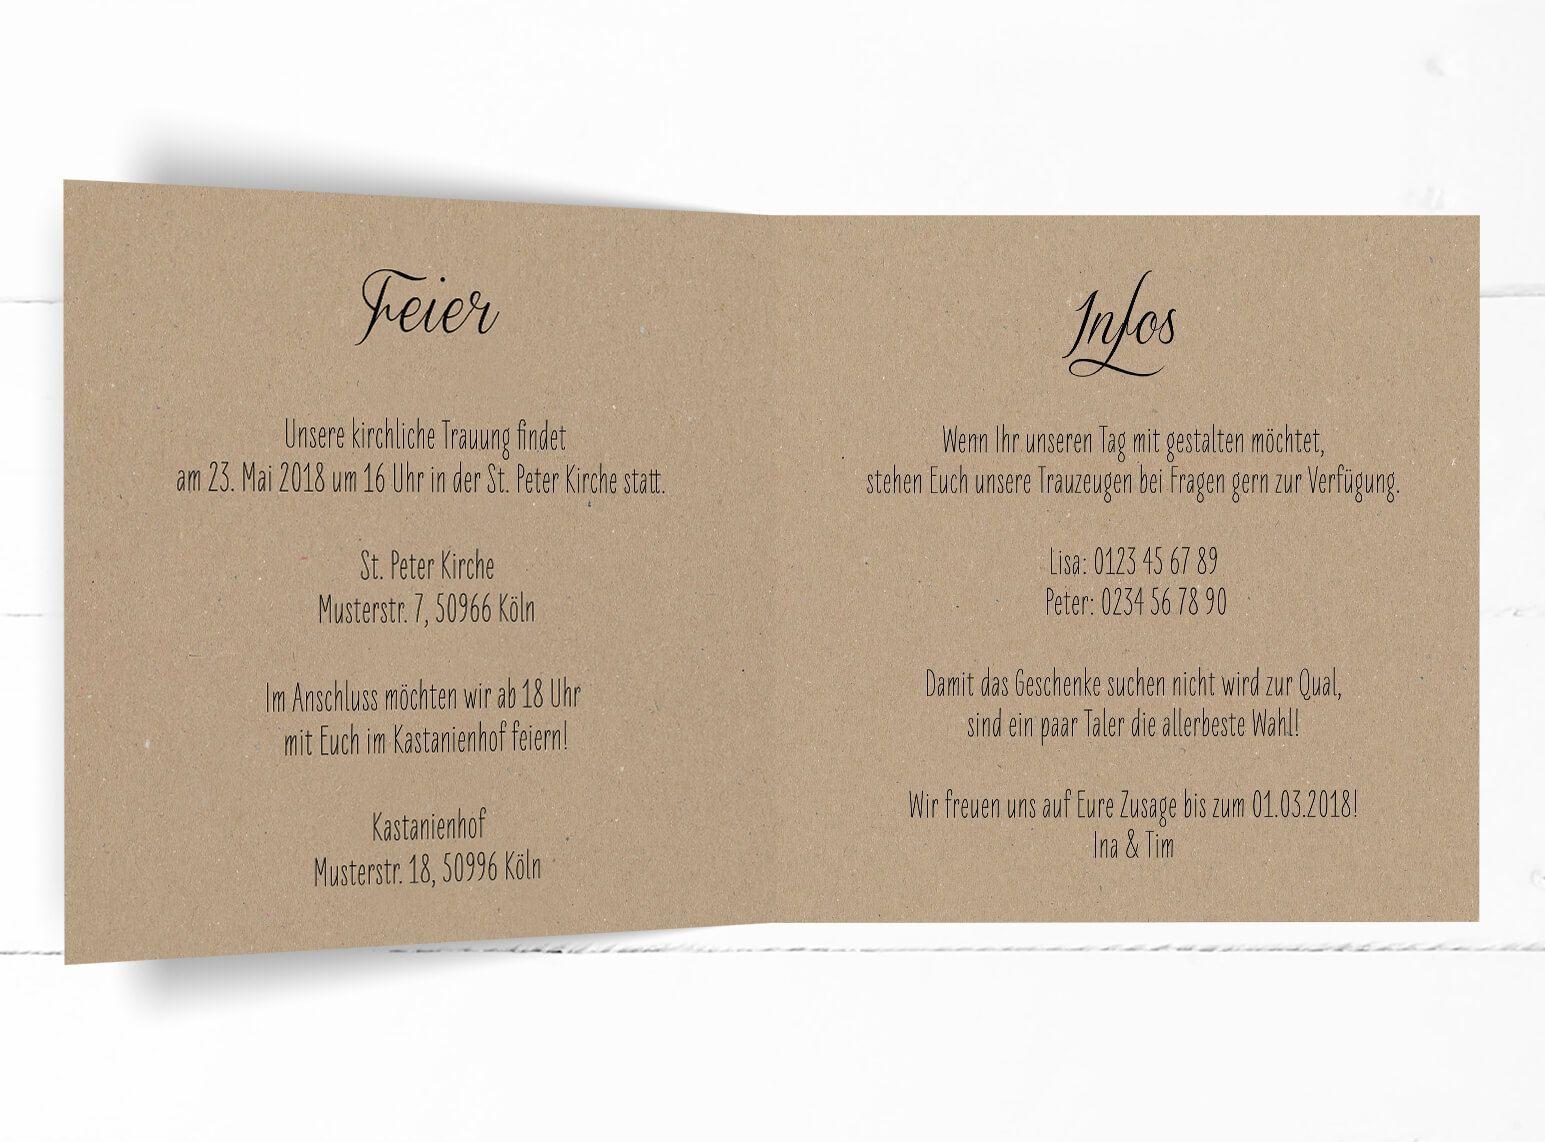 Beschriftung Einladungskarten Hochzeit Beschriftung Einladungskarten Hochzeit Hier Bekommen Sie Die Besten Geburtstagskarten Gestaltung In Wenigen Minuten S